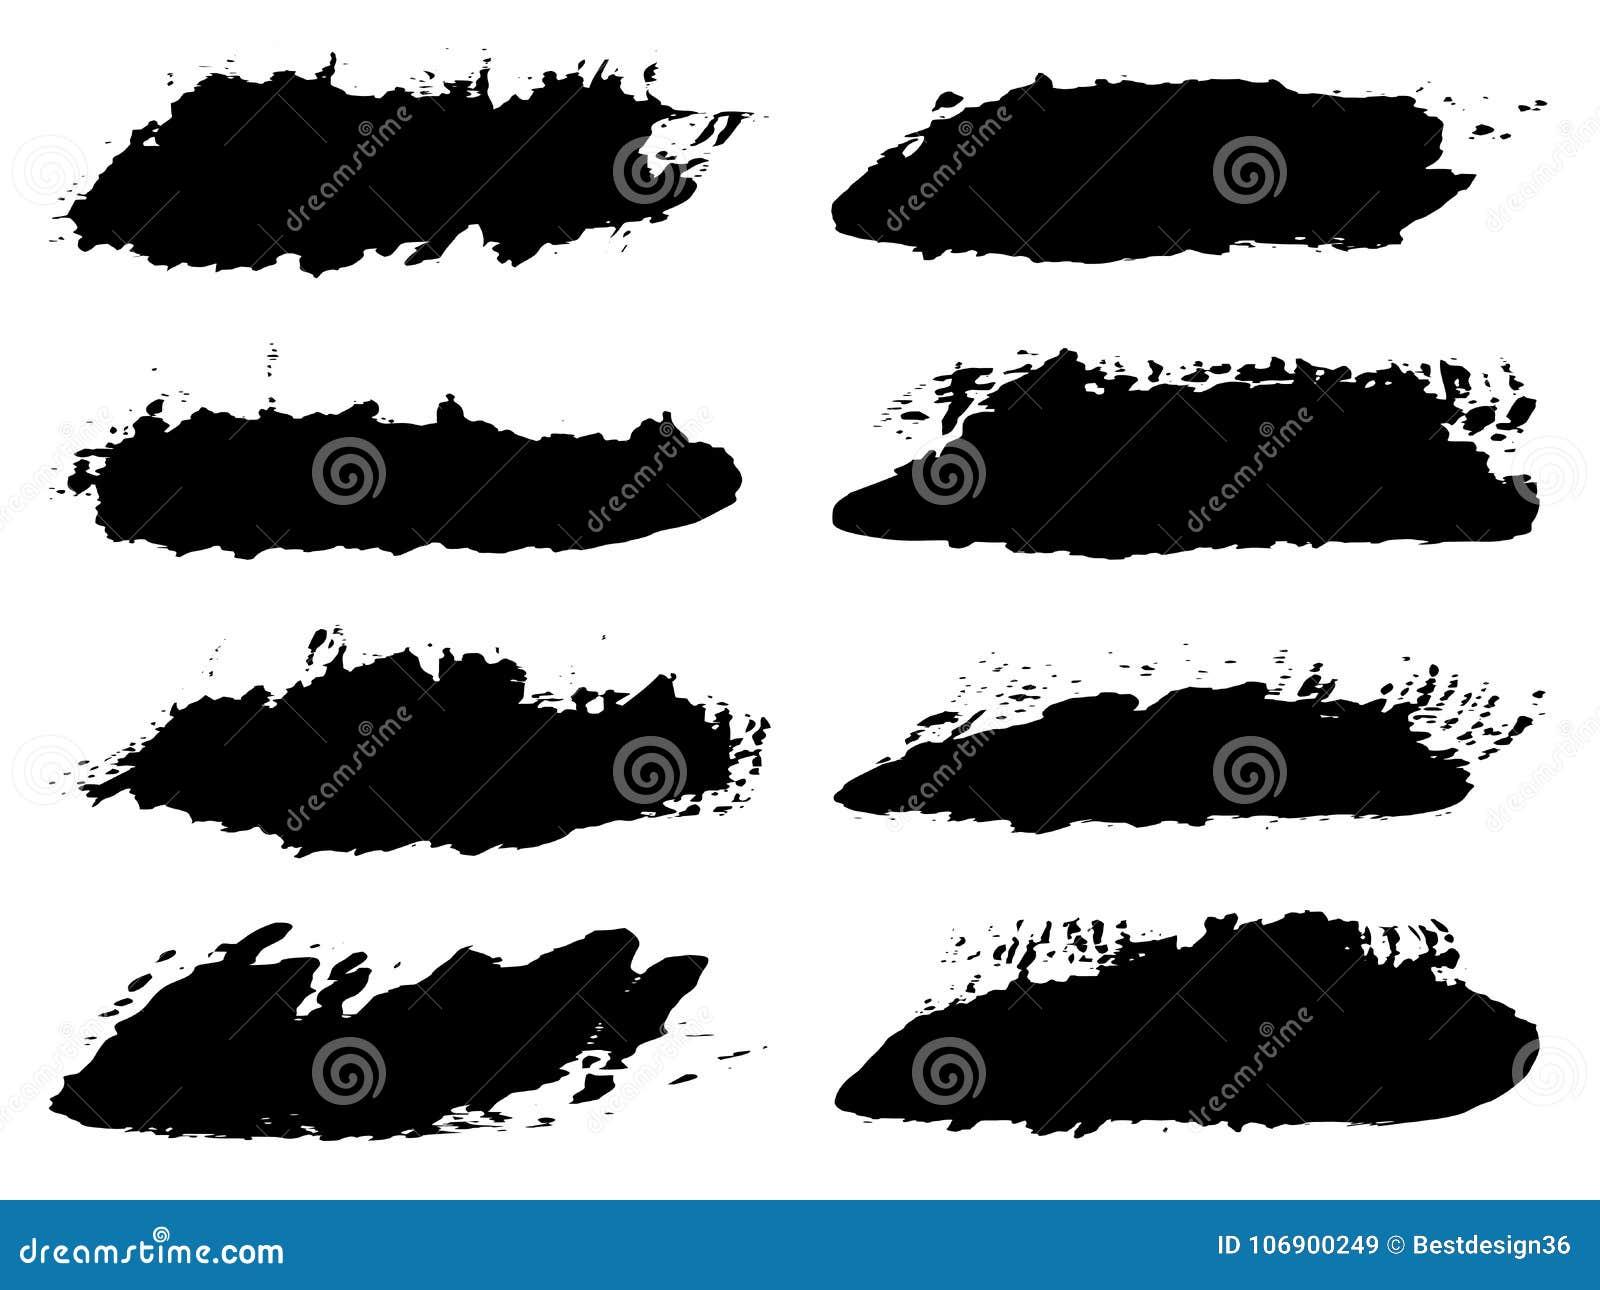 Wektorowej grungy czarnej farby ręcznie robiony kreatywnie muśnięcie